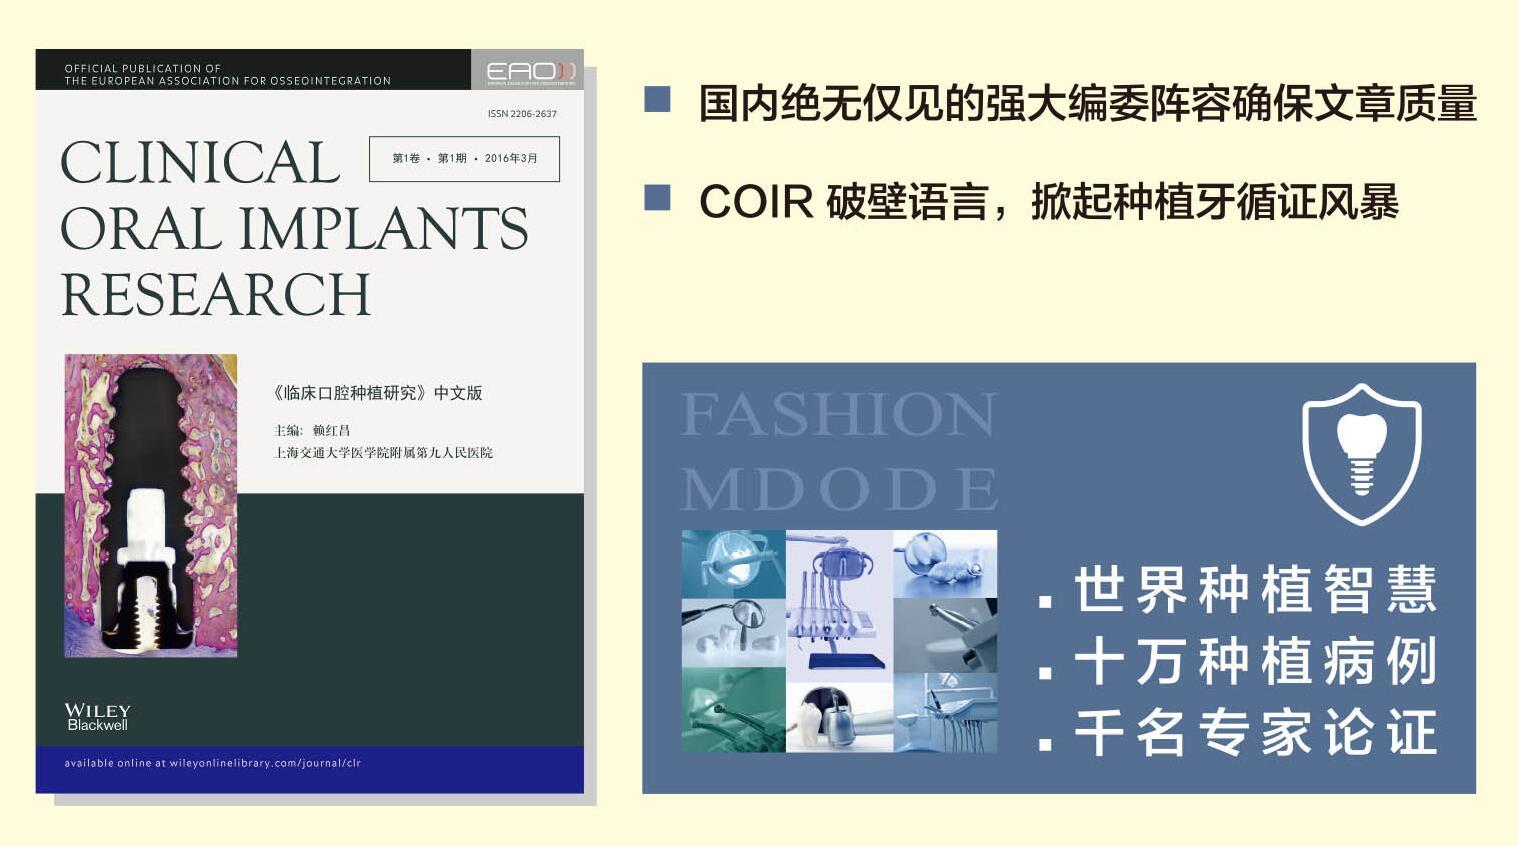 《临床口腔种植研究》中文版出版发行